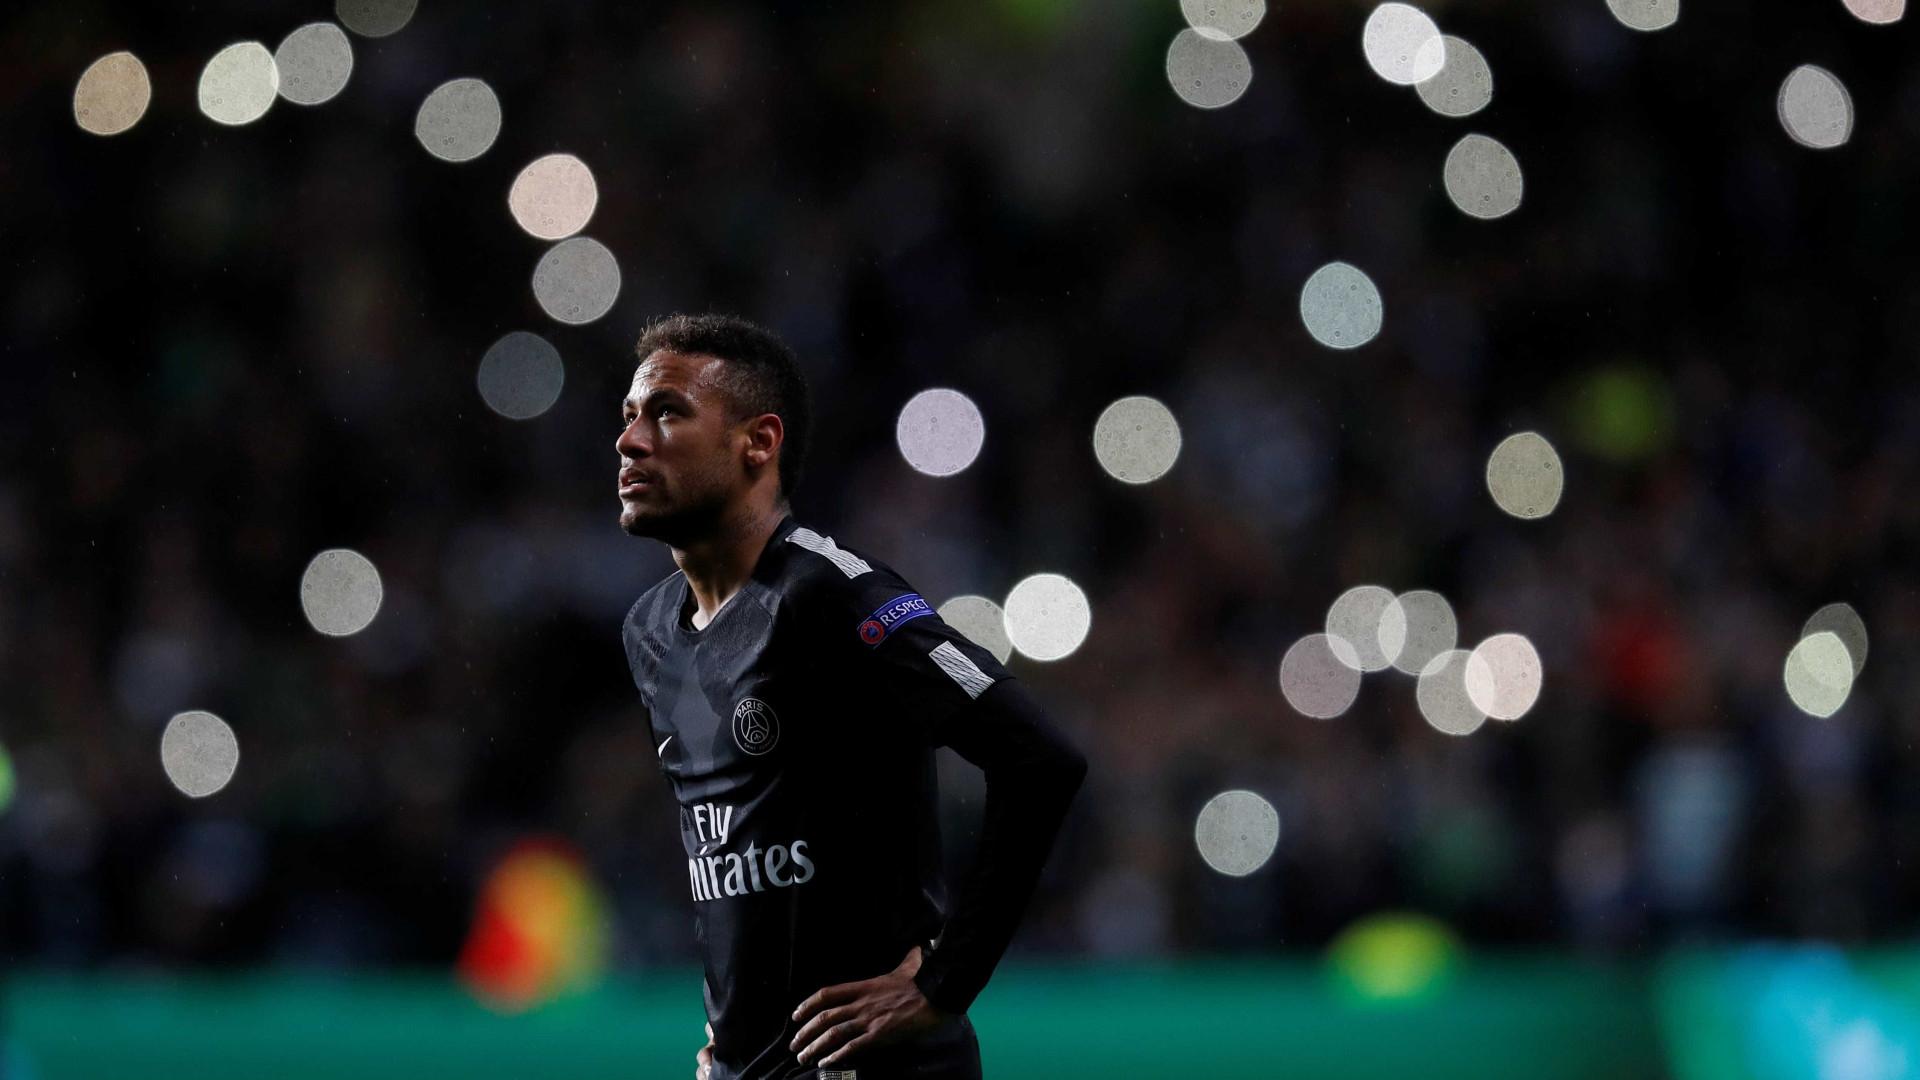 Revista alemã revela o salário astronômico de Neymar